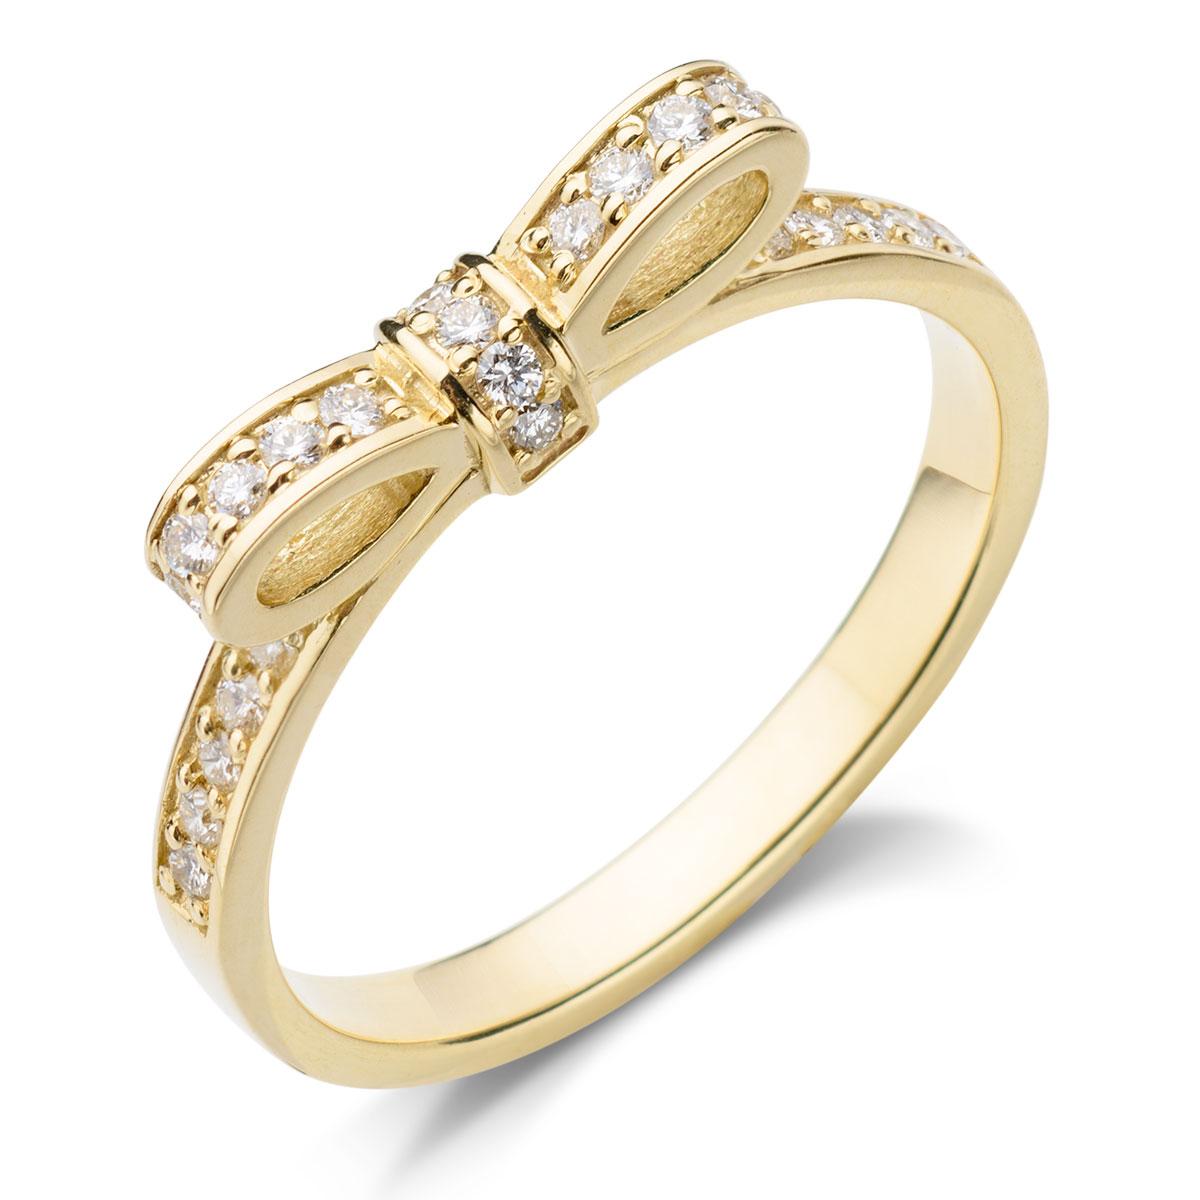 c1dde0410425fd Oryginalny i nowoczesny wzór, złota , diamentowa kokarda ...